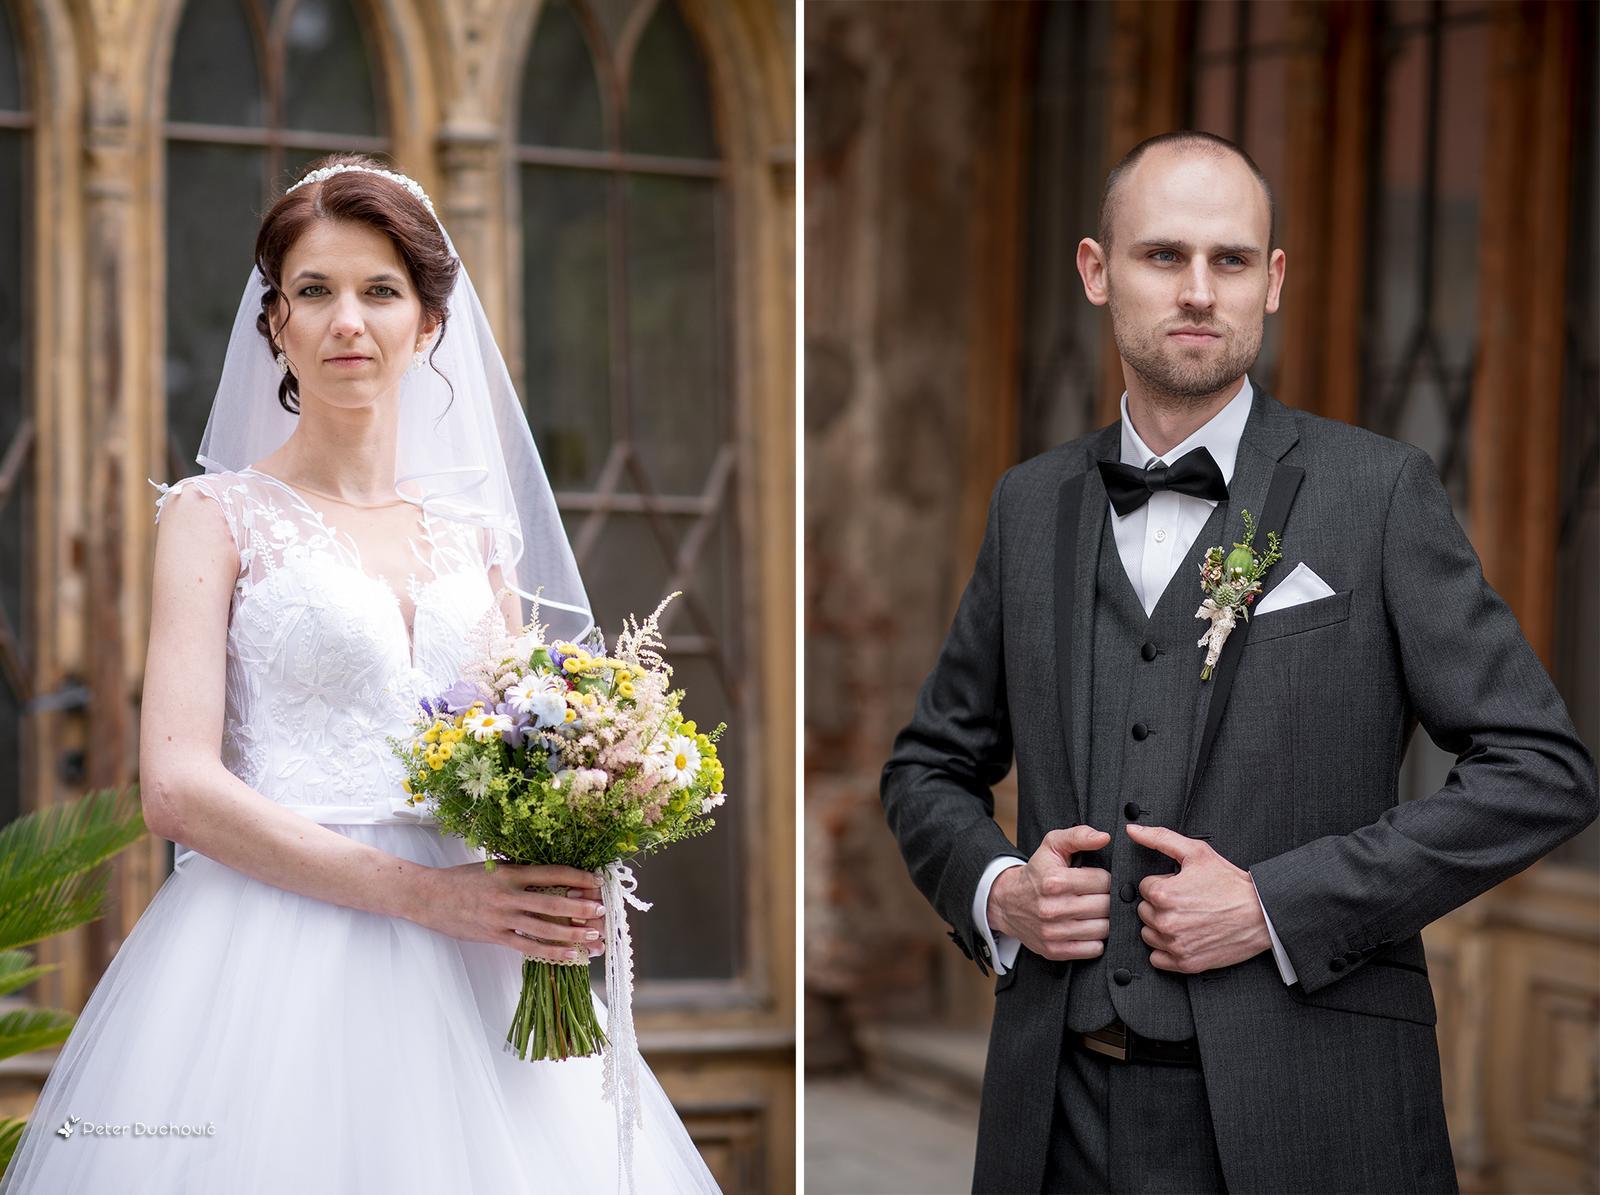 Svadba Veronika a Marek - Obrázok č. 3